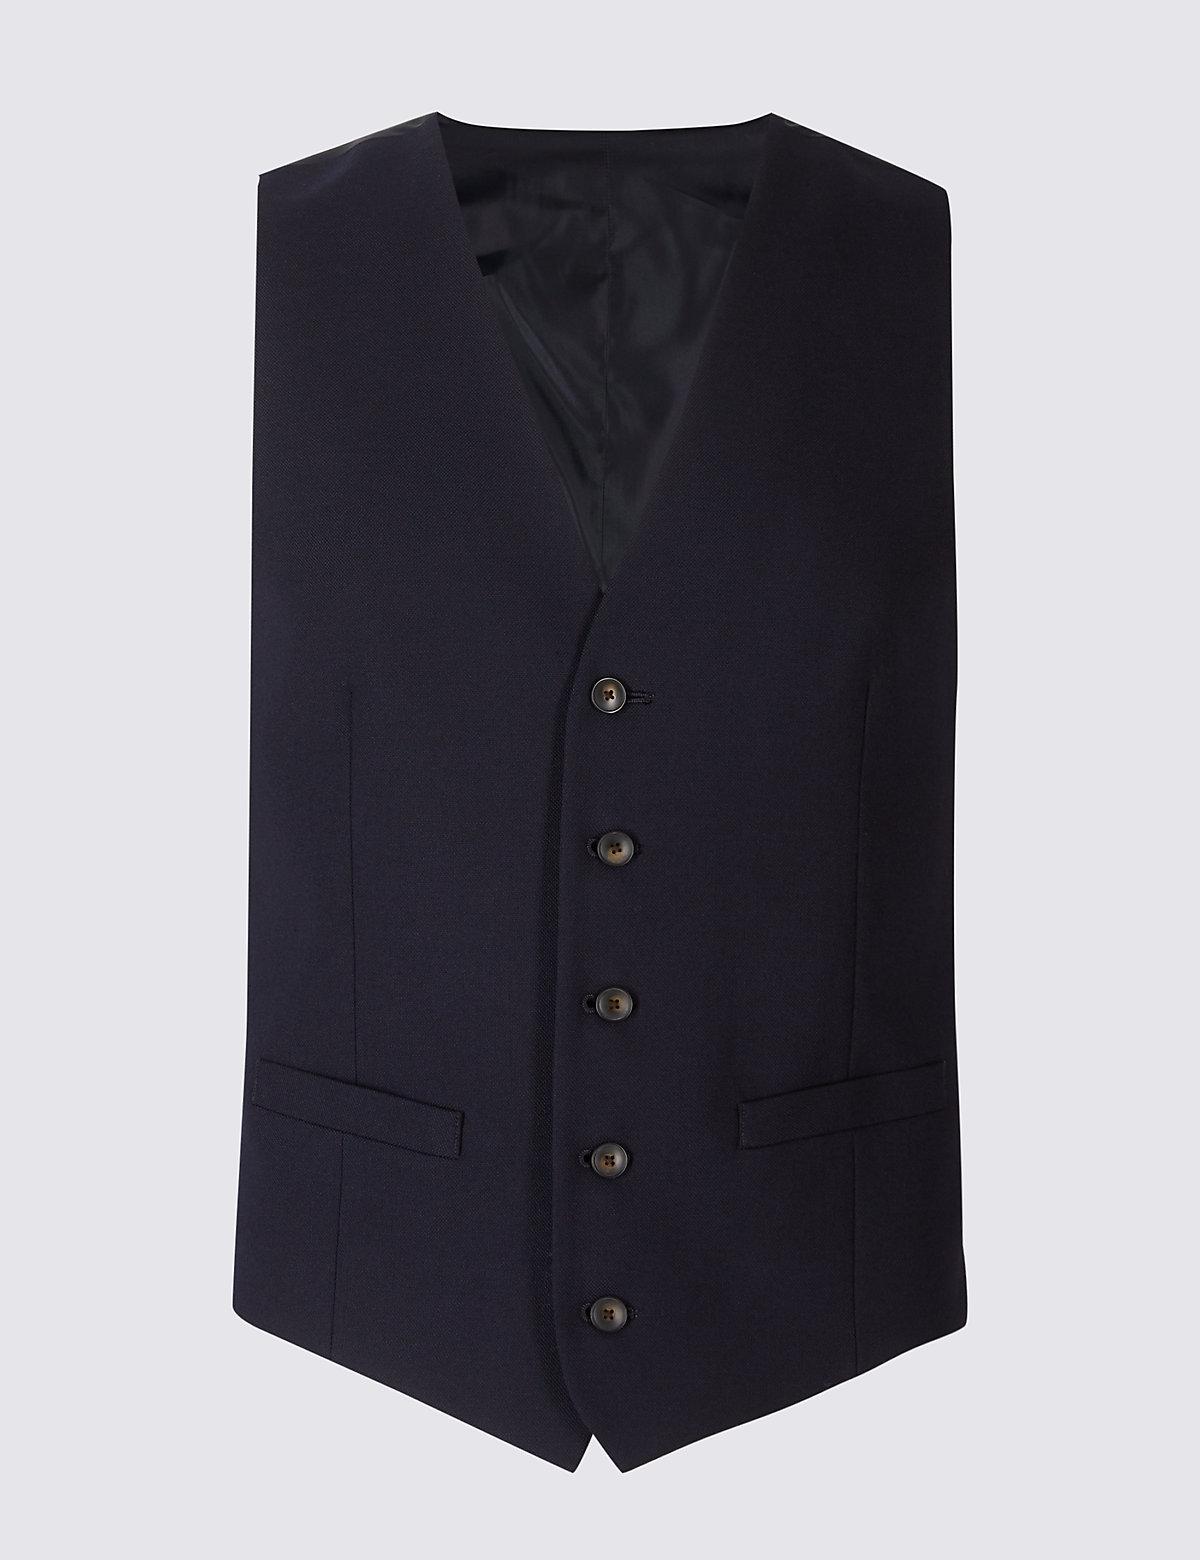 Жилет мужской текстурированный с подкладкой и добавлением шерсти M&S Collection. Цвет: темно-синий